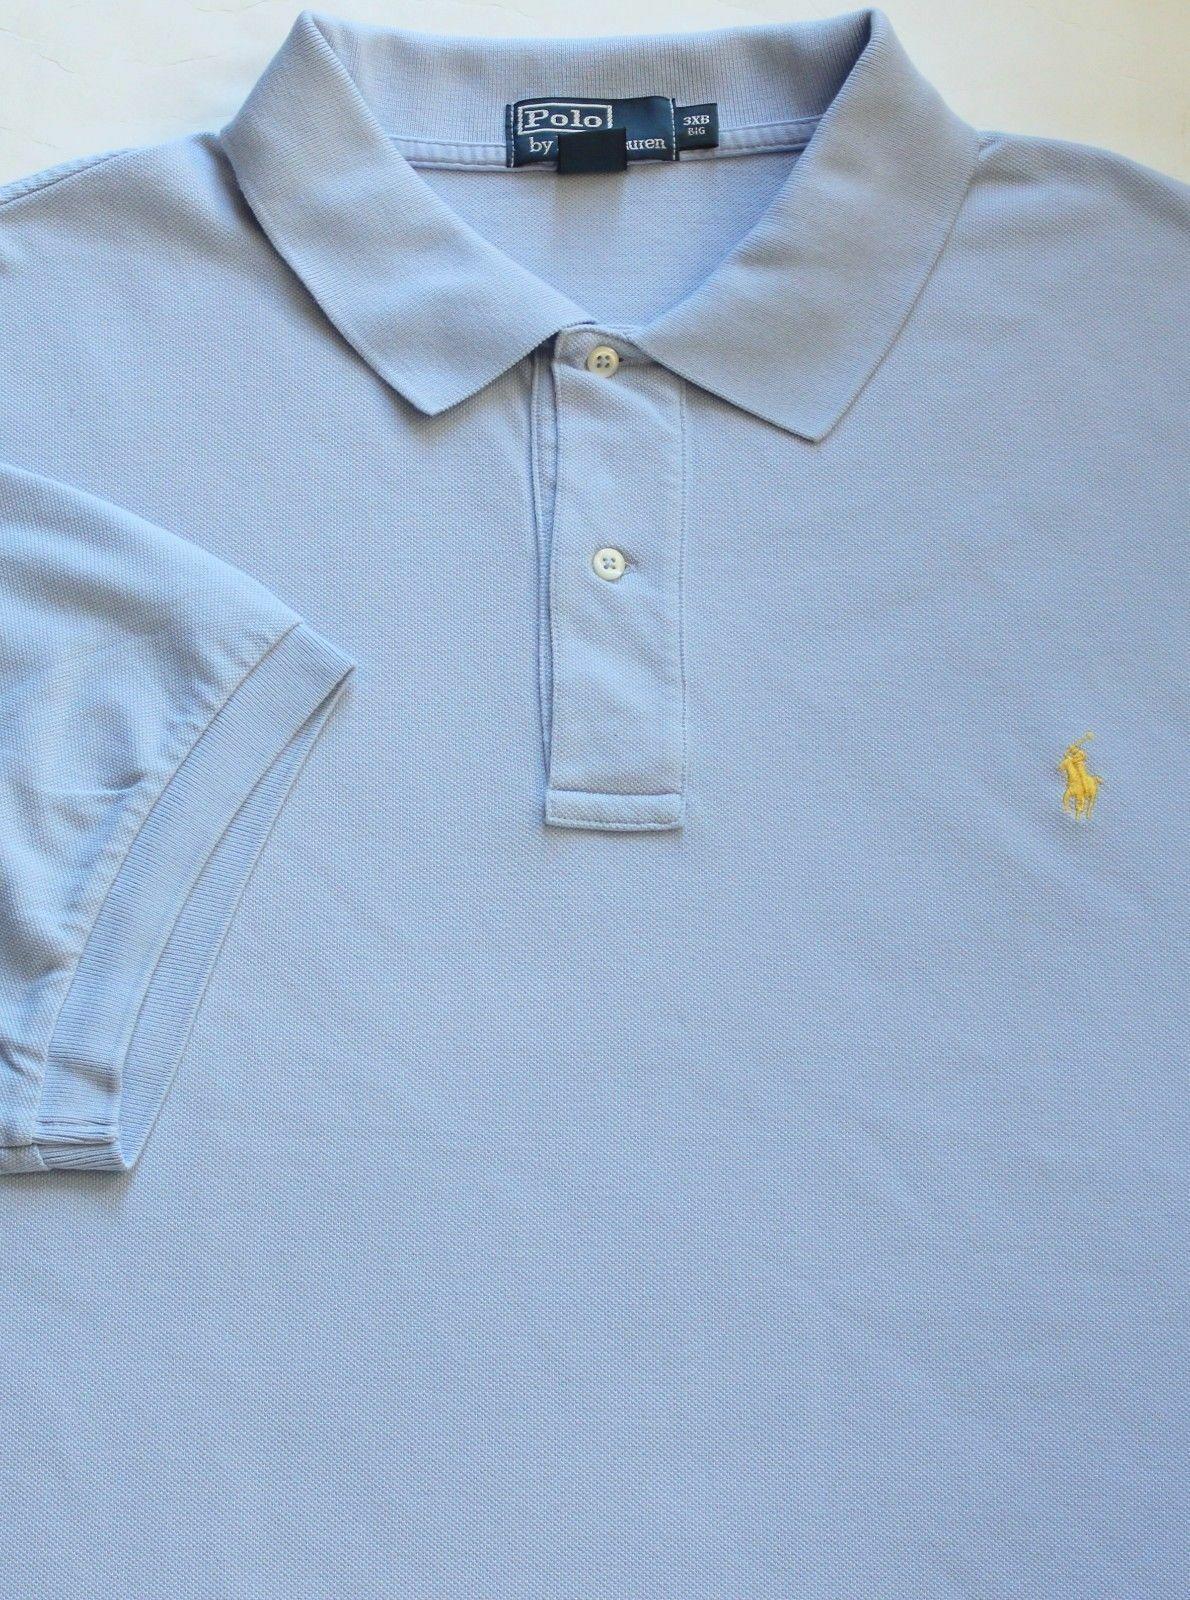 New Polo Ralph Lauren Winter bluee Cotton Mesh Polo Shirt   4XLT